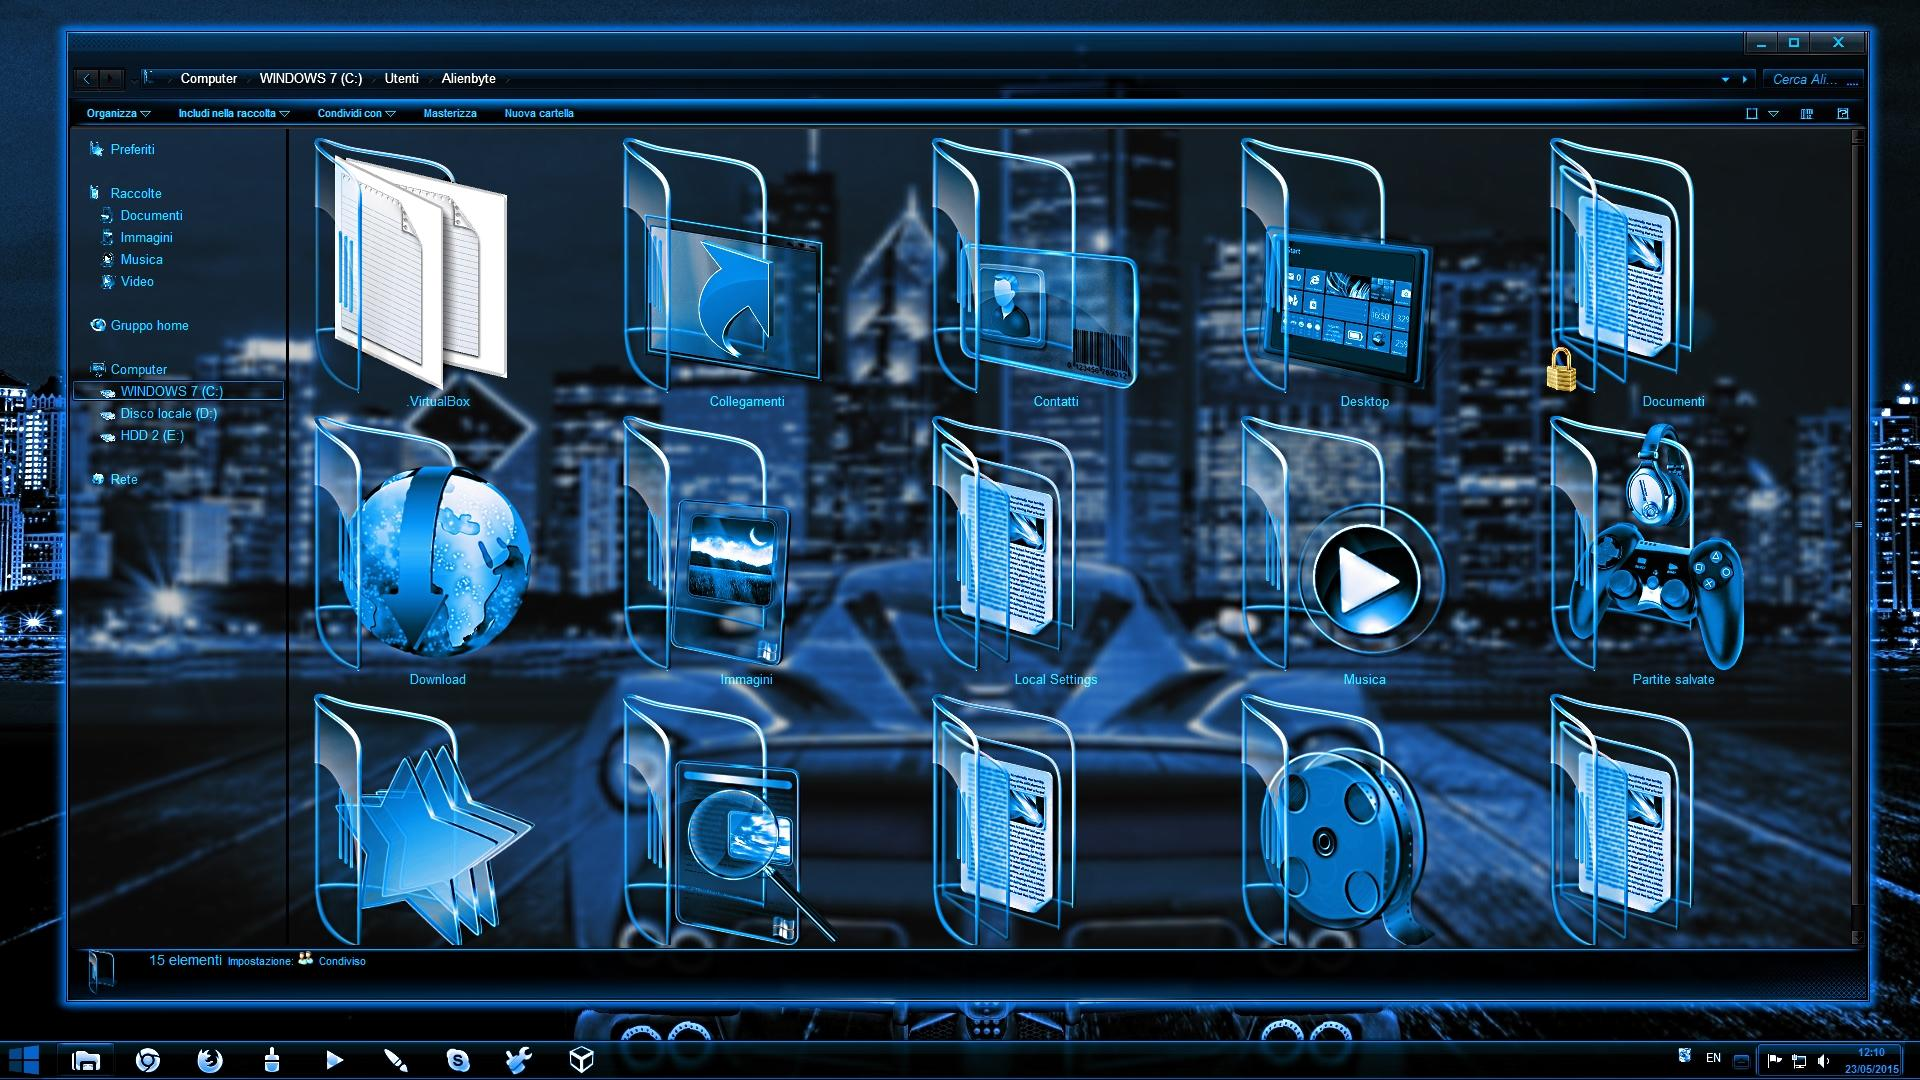 цветовая схема windows 7